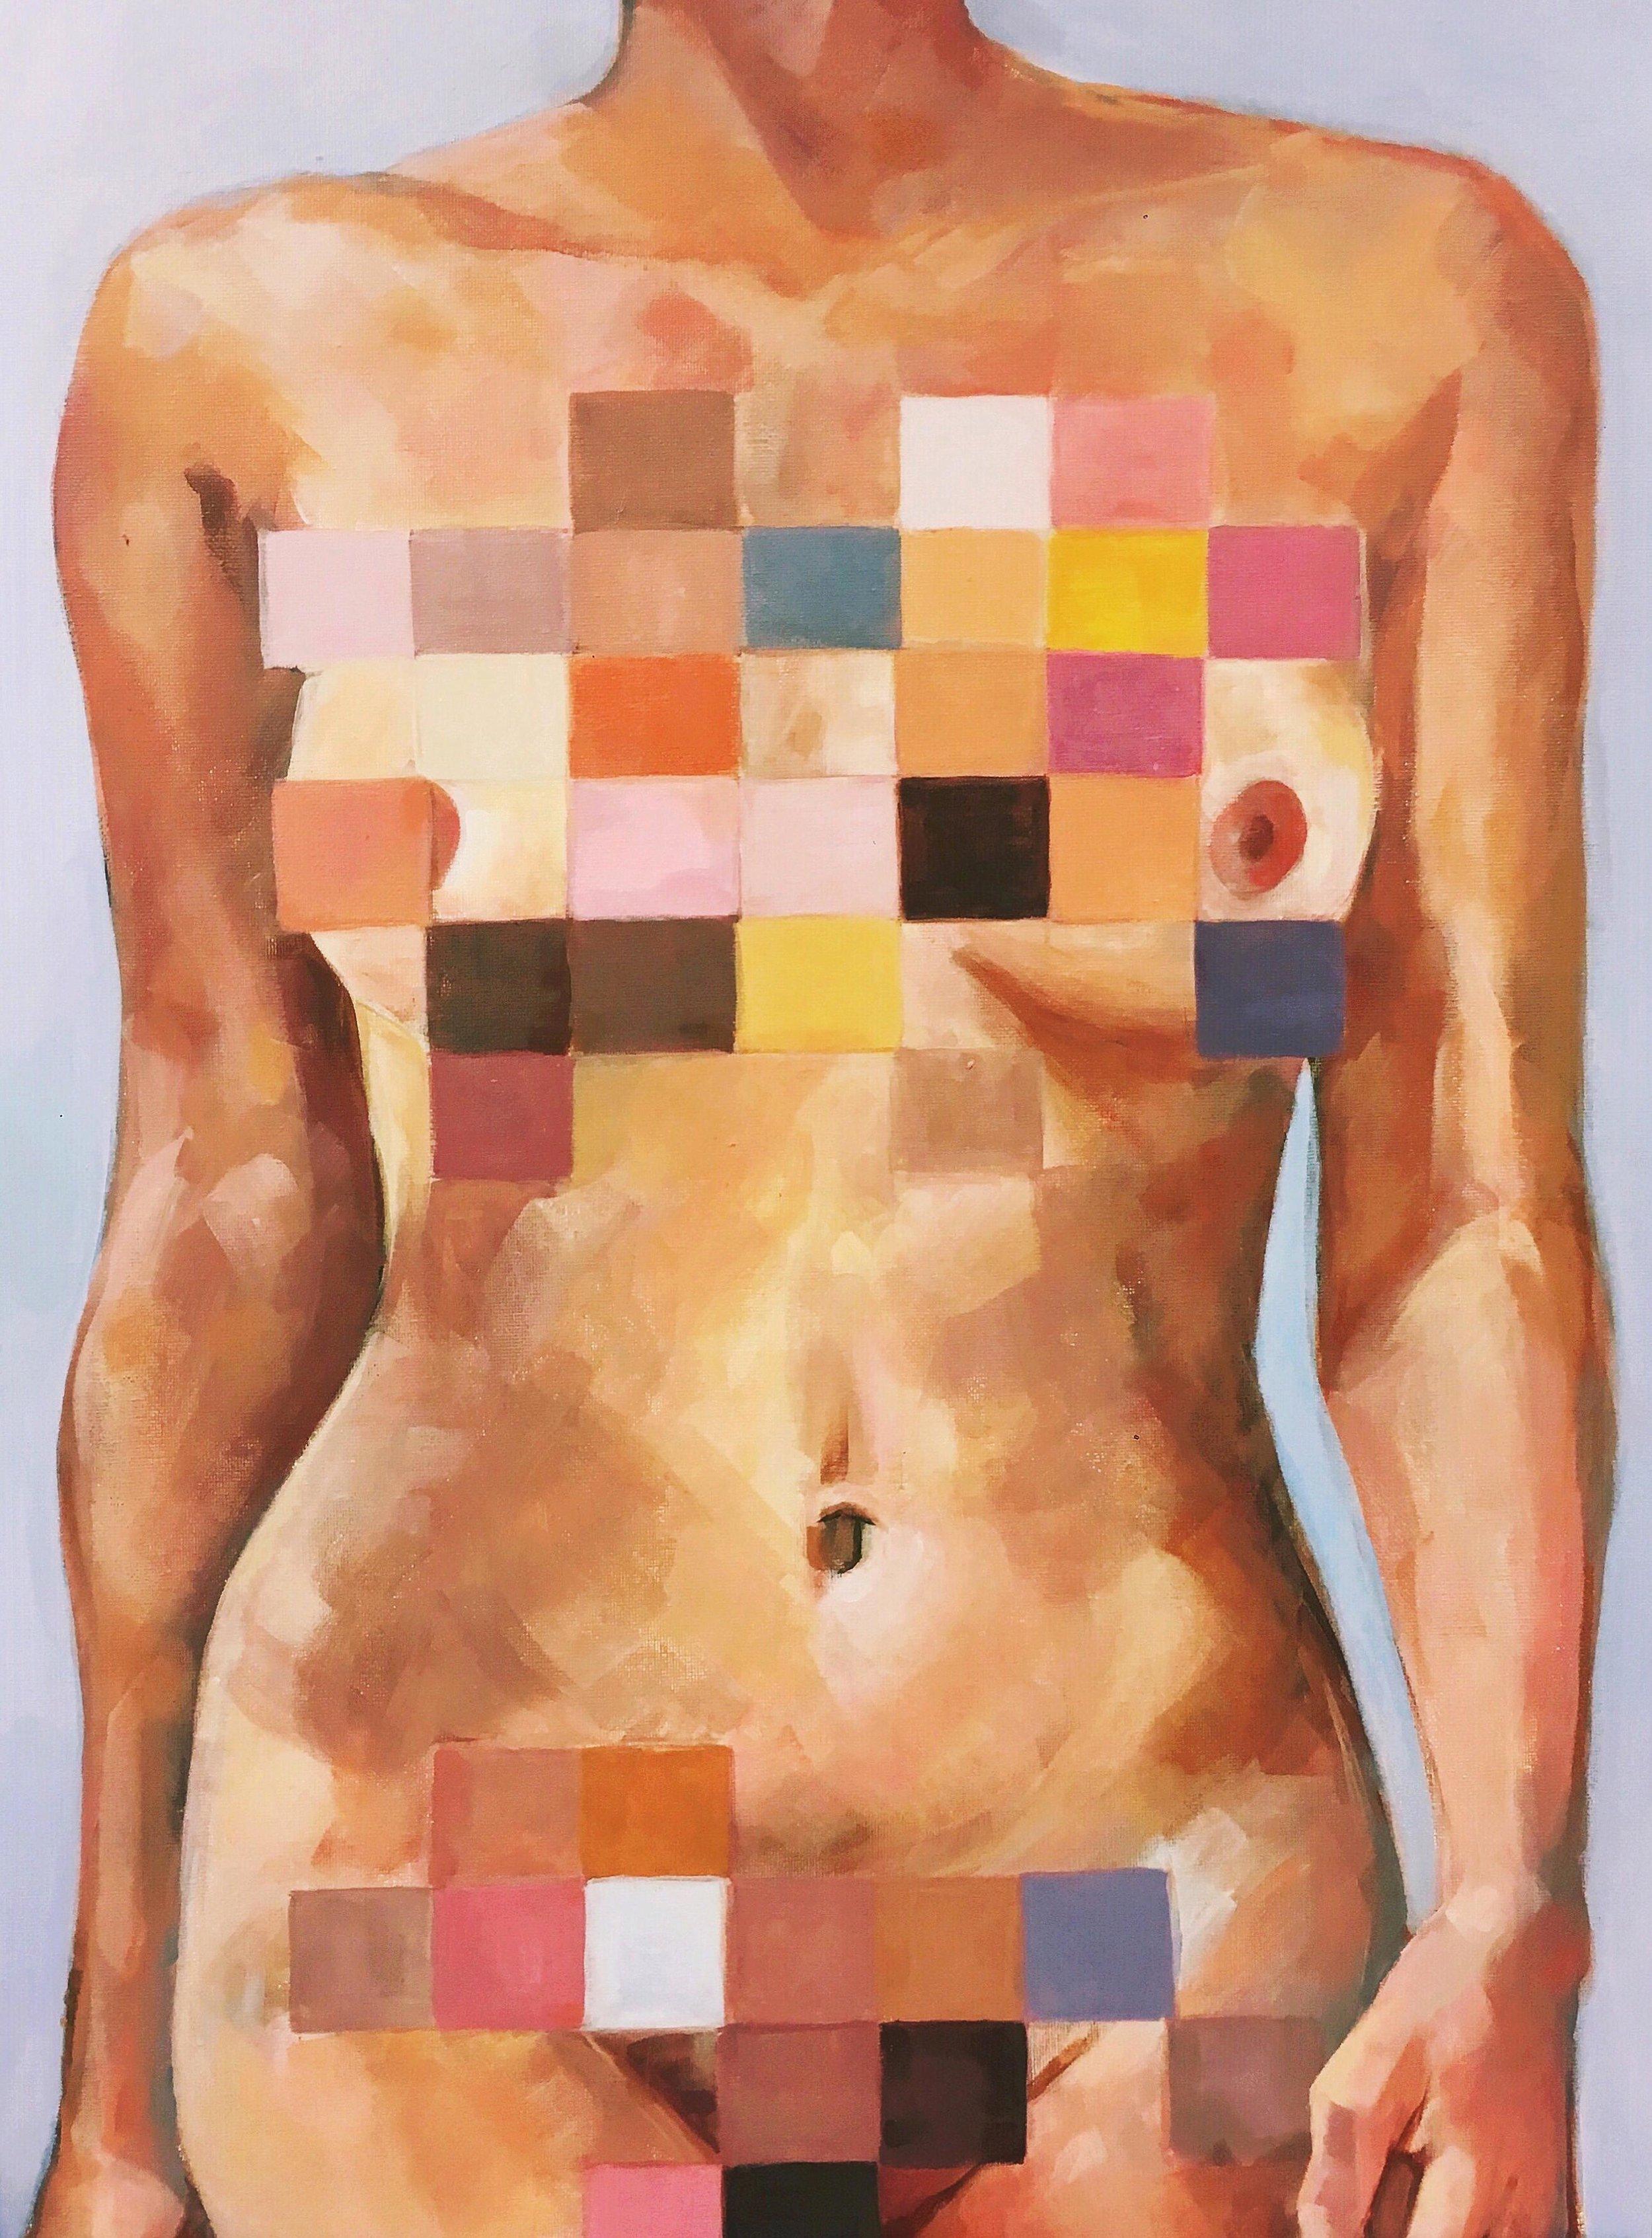 If It's Censored, It's Not Art-300.jpg